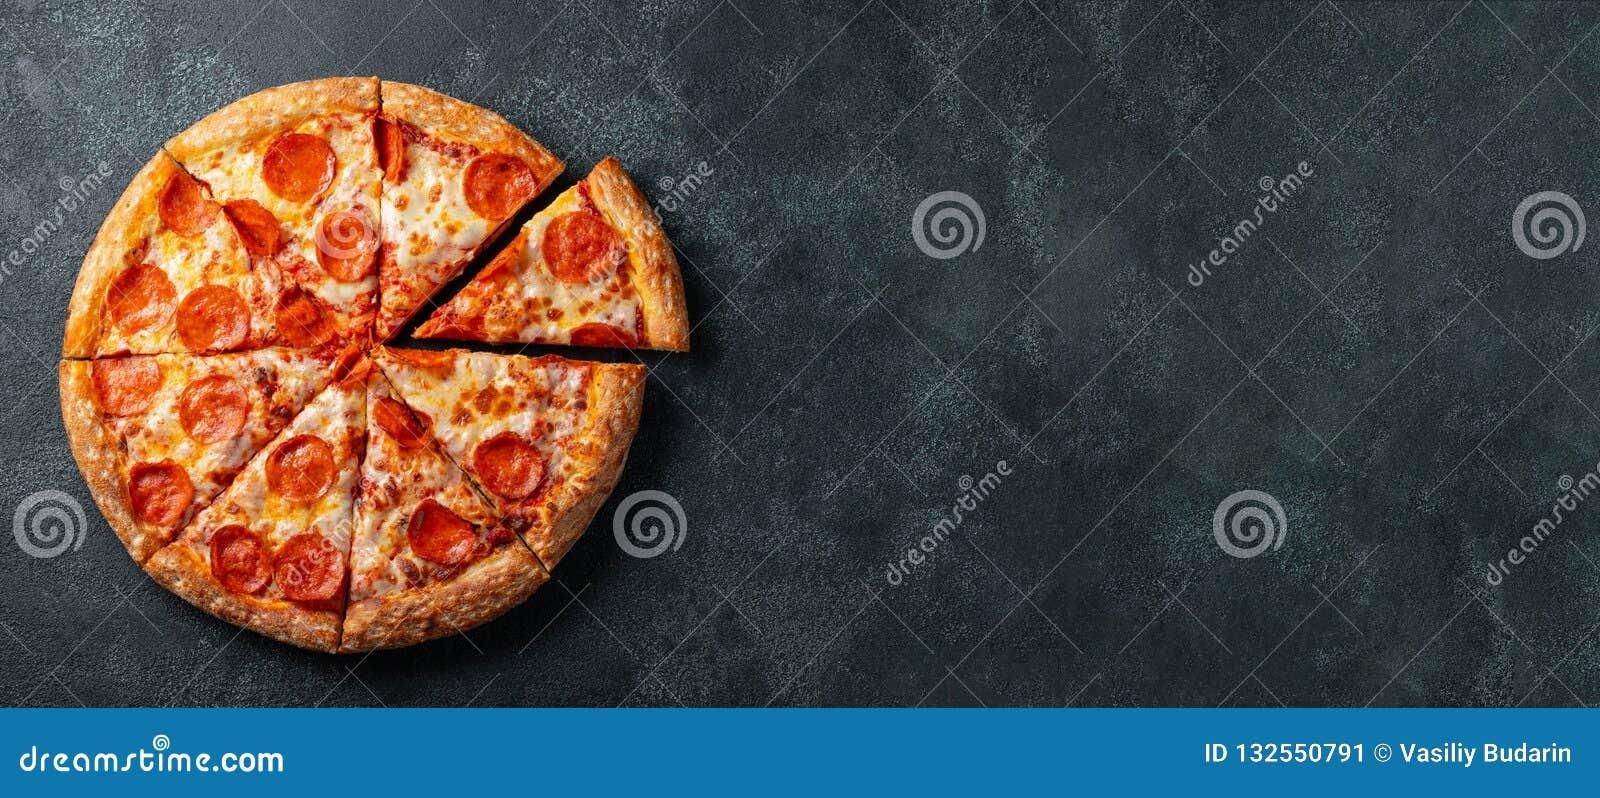 鲜美辣香肠烘饼和烹调成份在黑具体背景的蕃茄蓬蒿 热的辣香肠烘饼顶视图  与